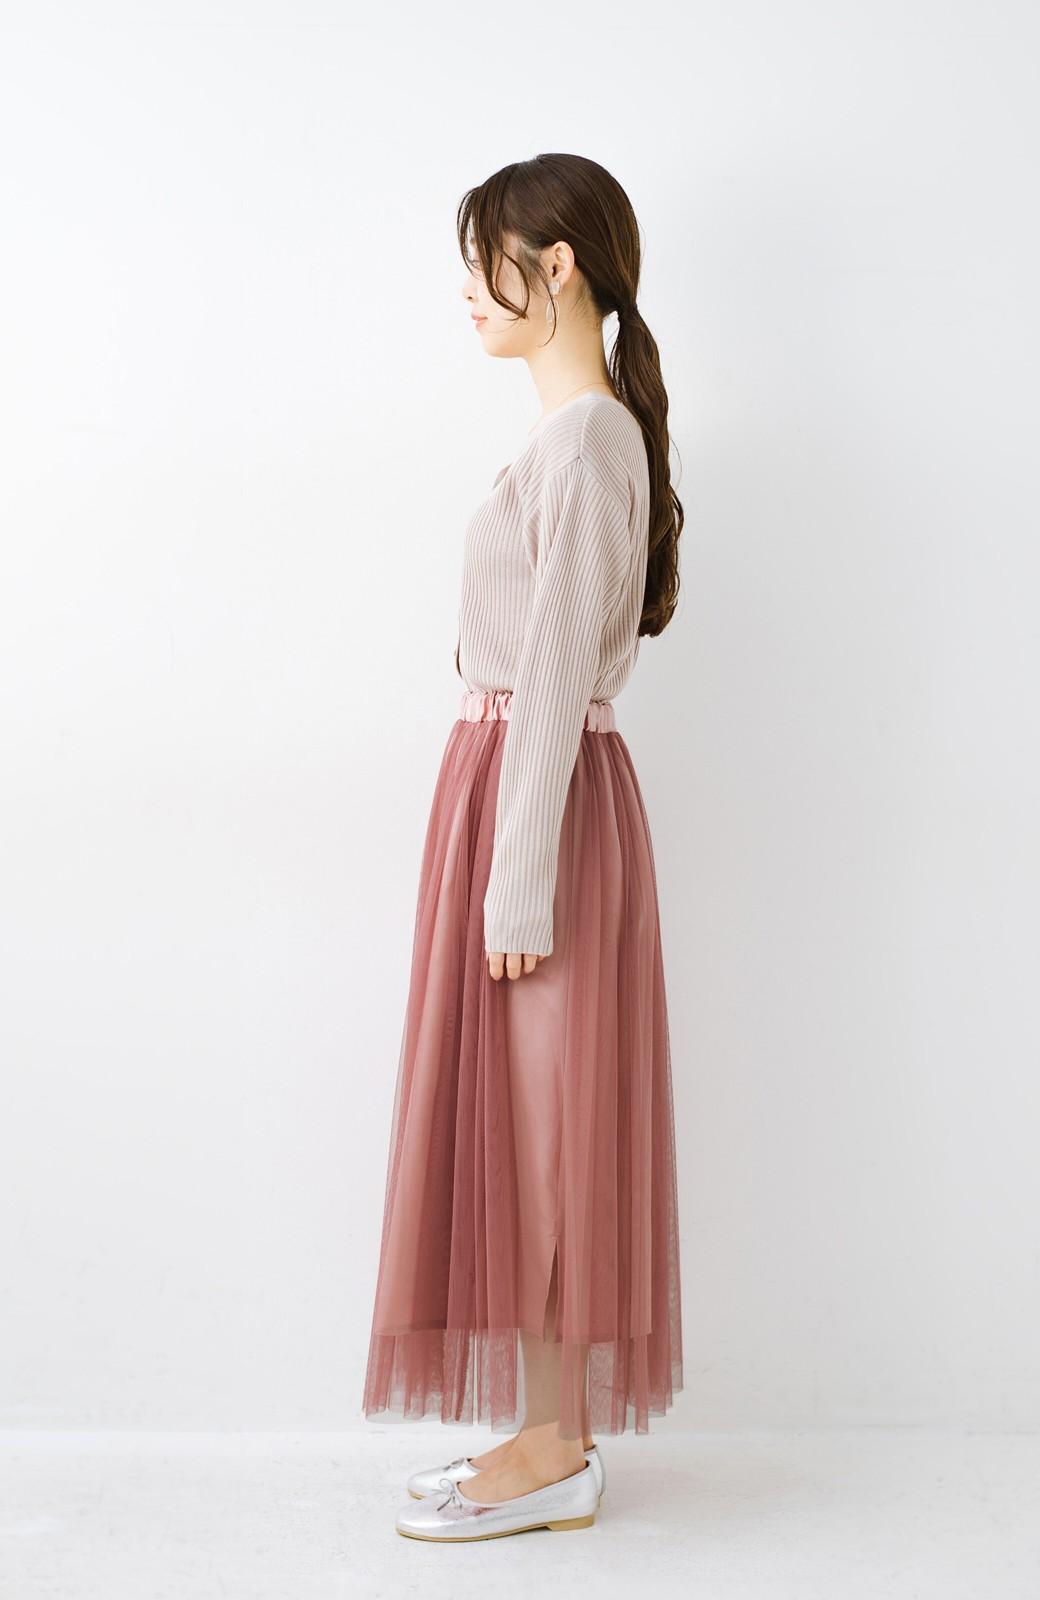 haco! 着るだけでルンとした気分になる! 長ーーい季節着られてずっと使えるオトナのためのチュールスカート <ピンク>の商品写真19